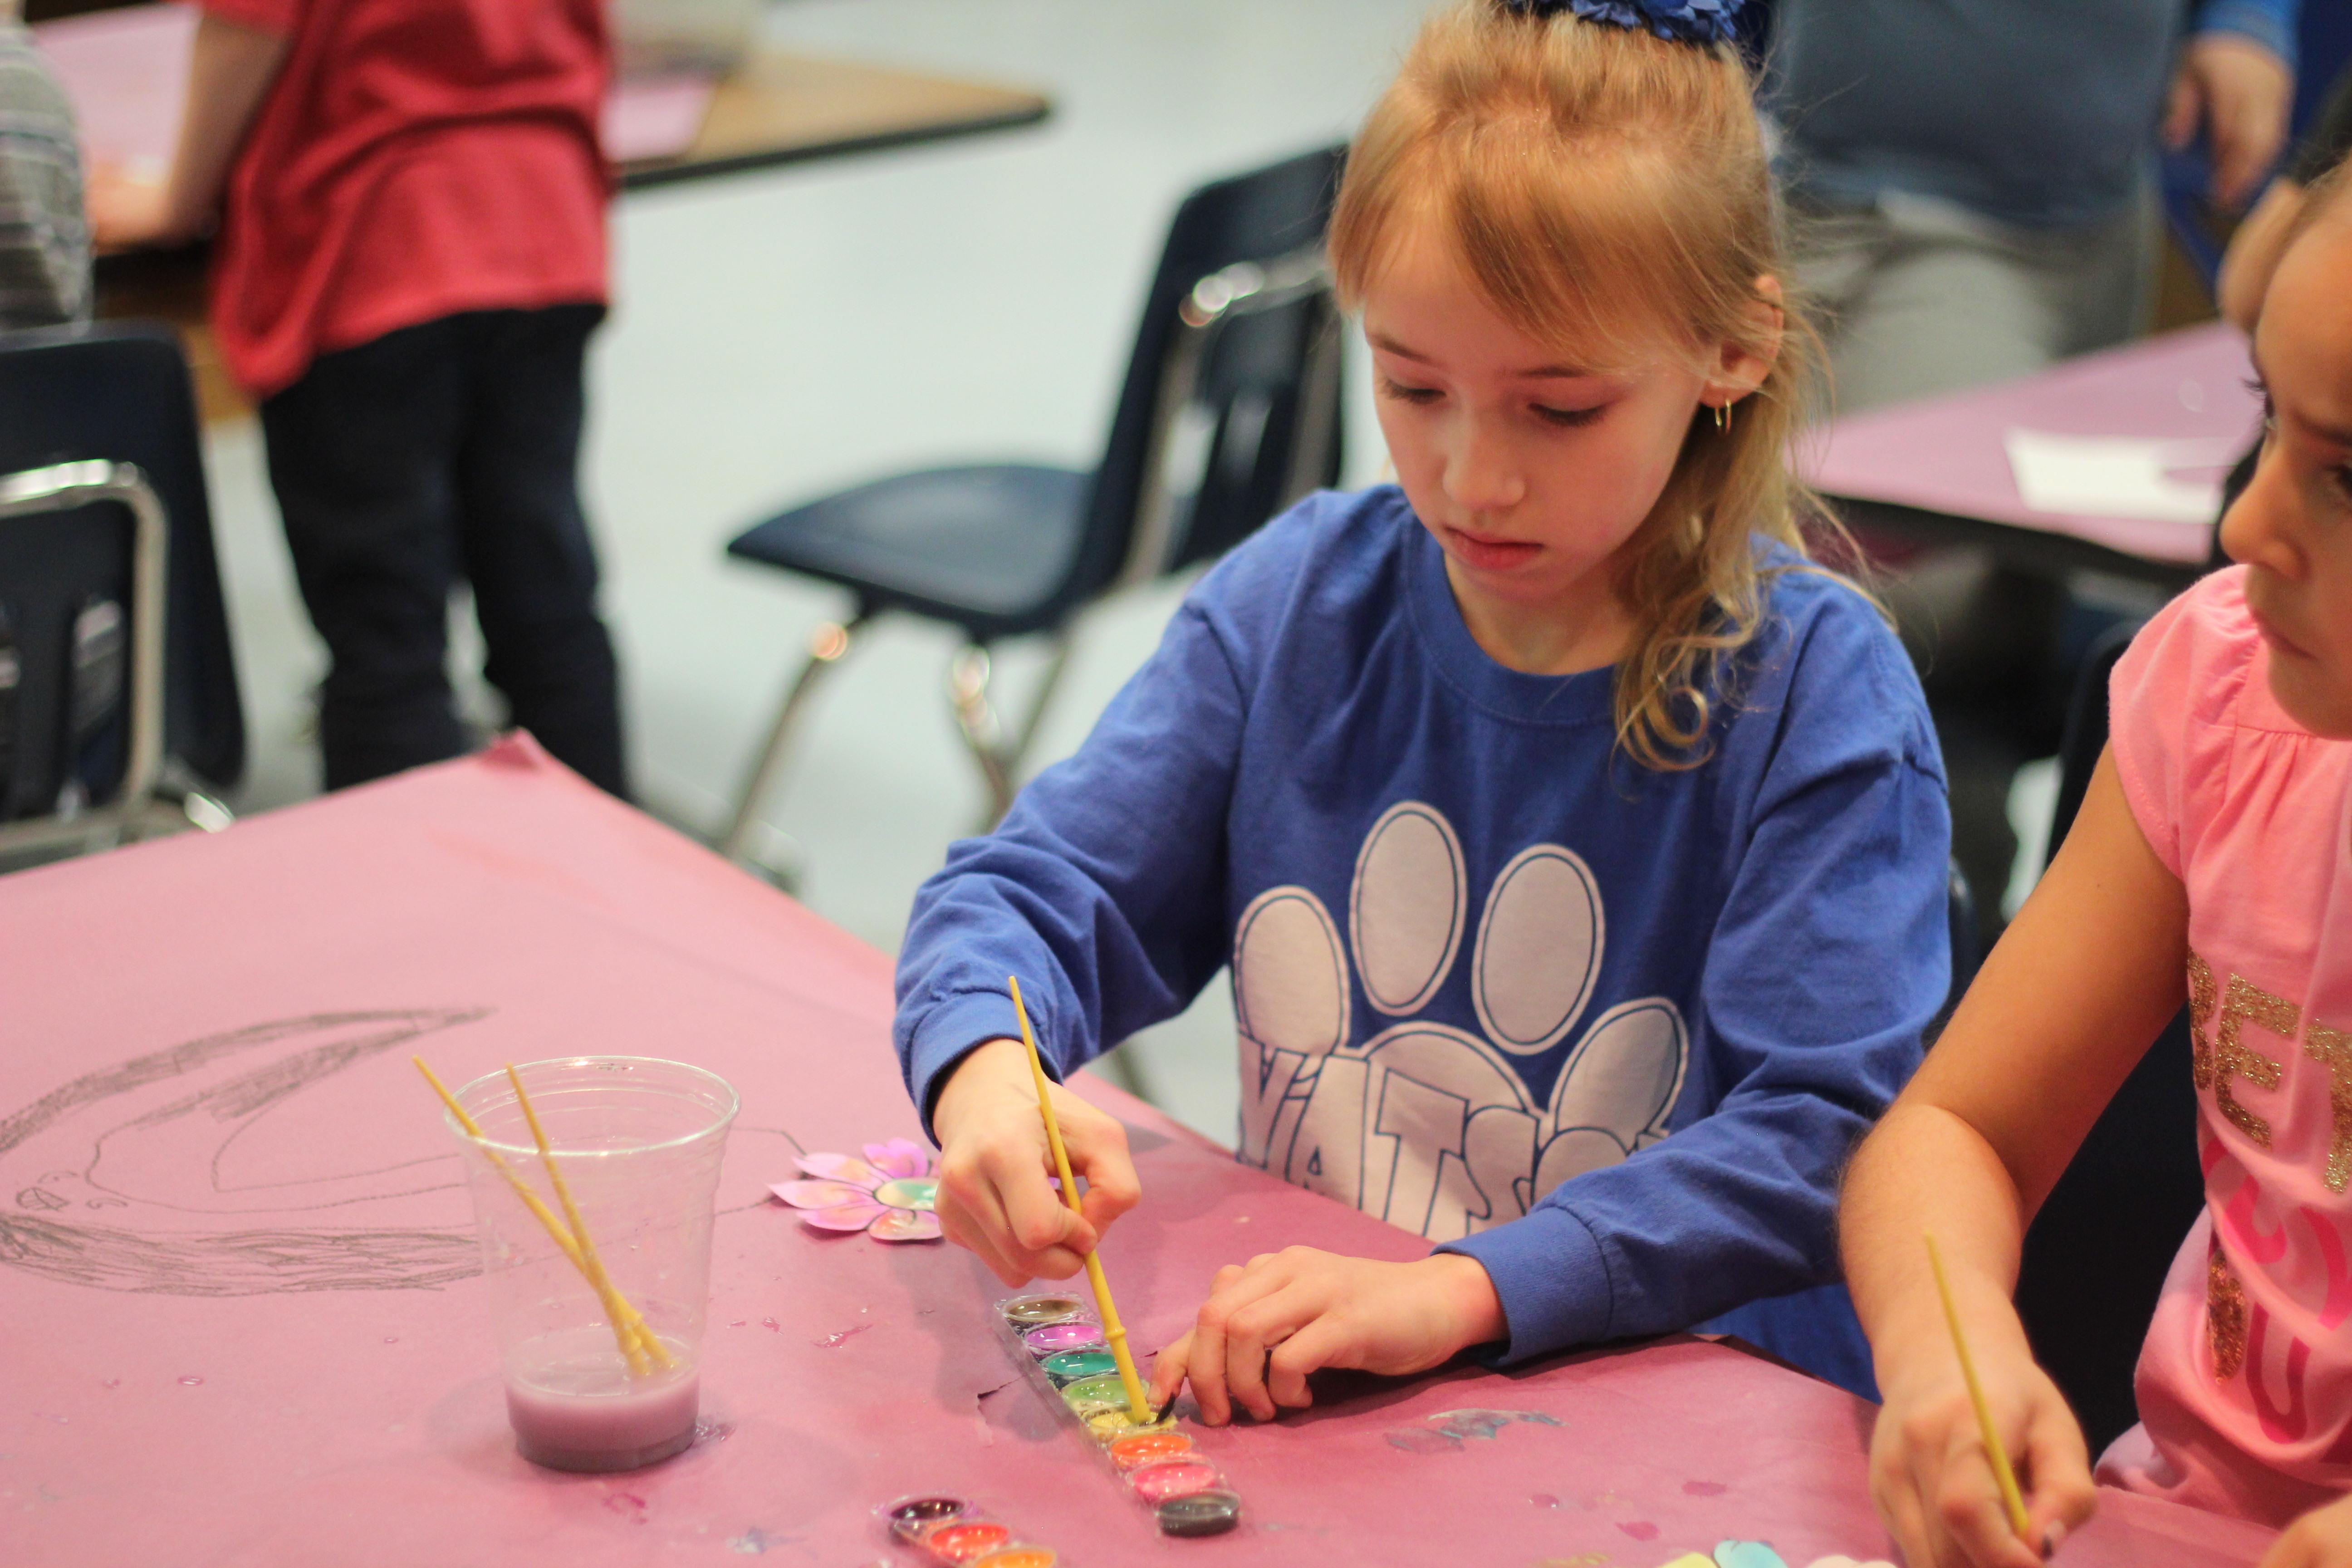 A student paints flowers.